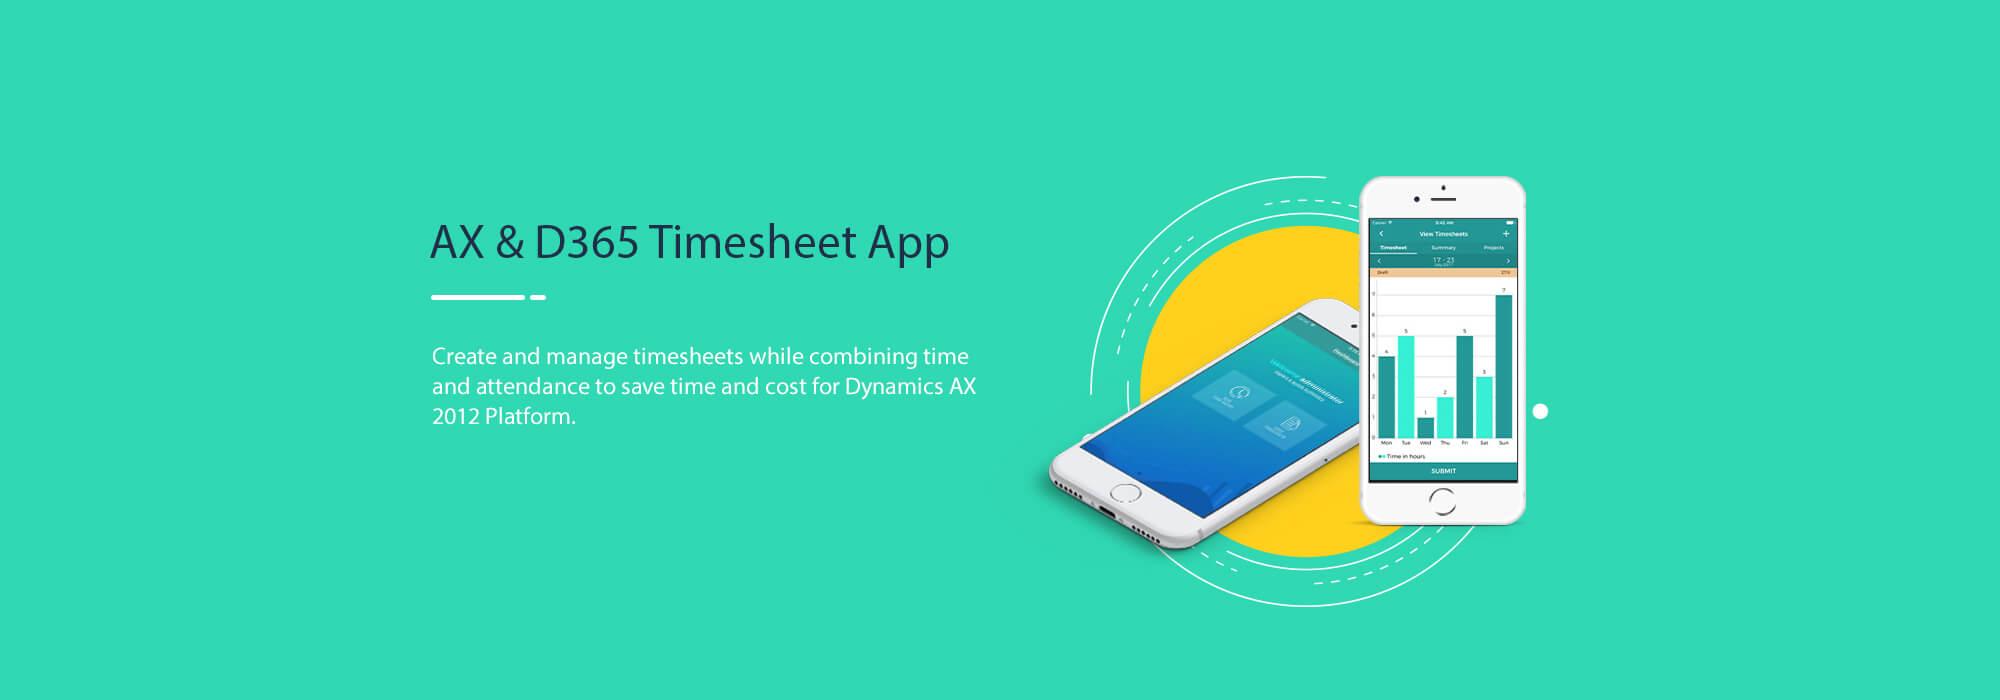 AX & D365 Timesheet App